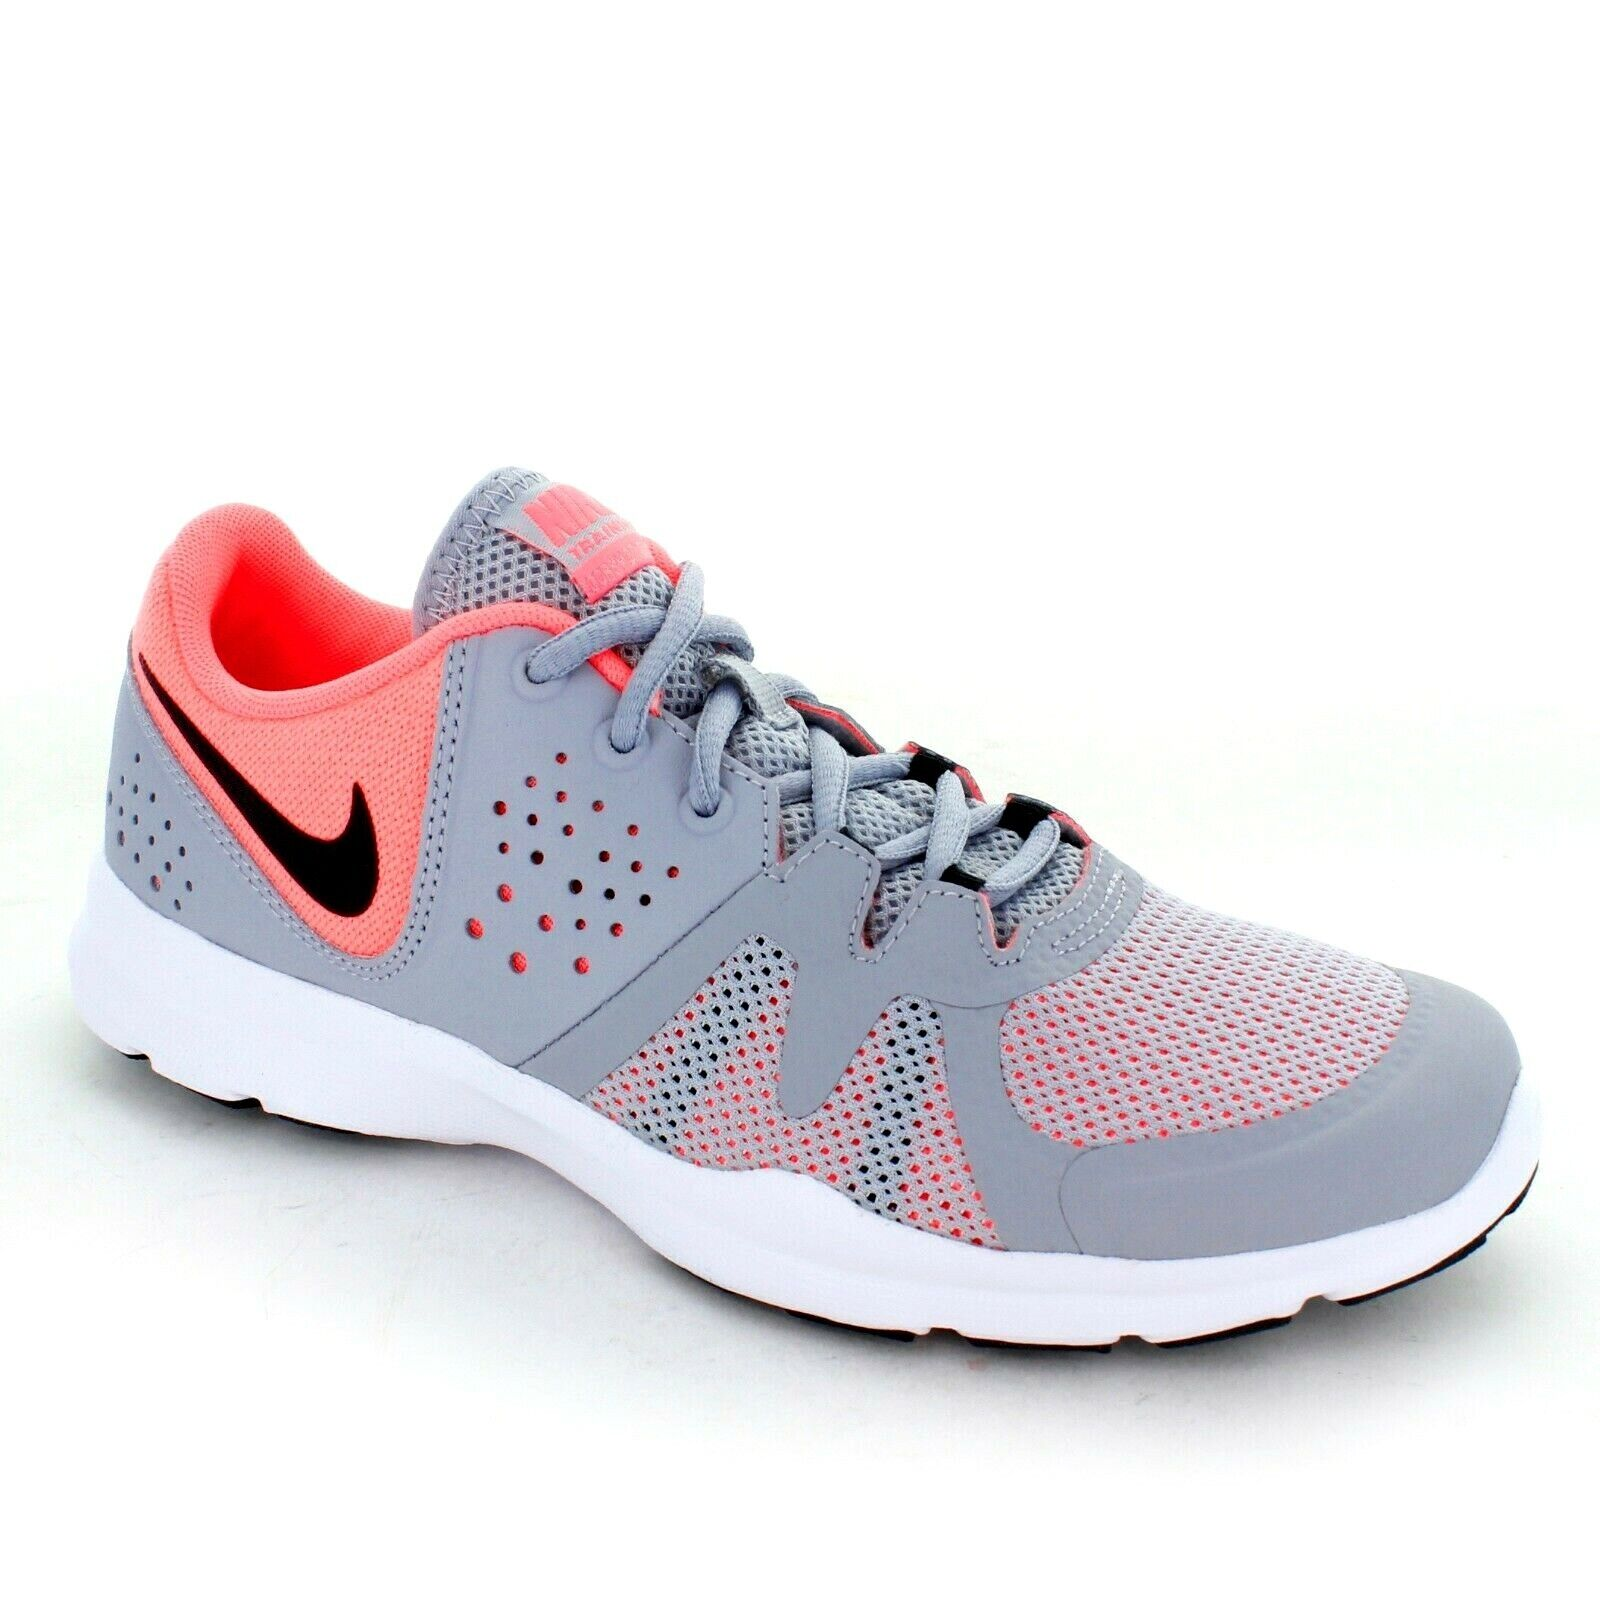 Nike damen UK 5.5 EU 39 grau Core Motion TR 3 Mesh Training Running Gym schuhe